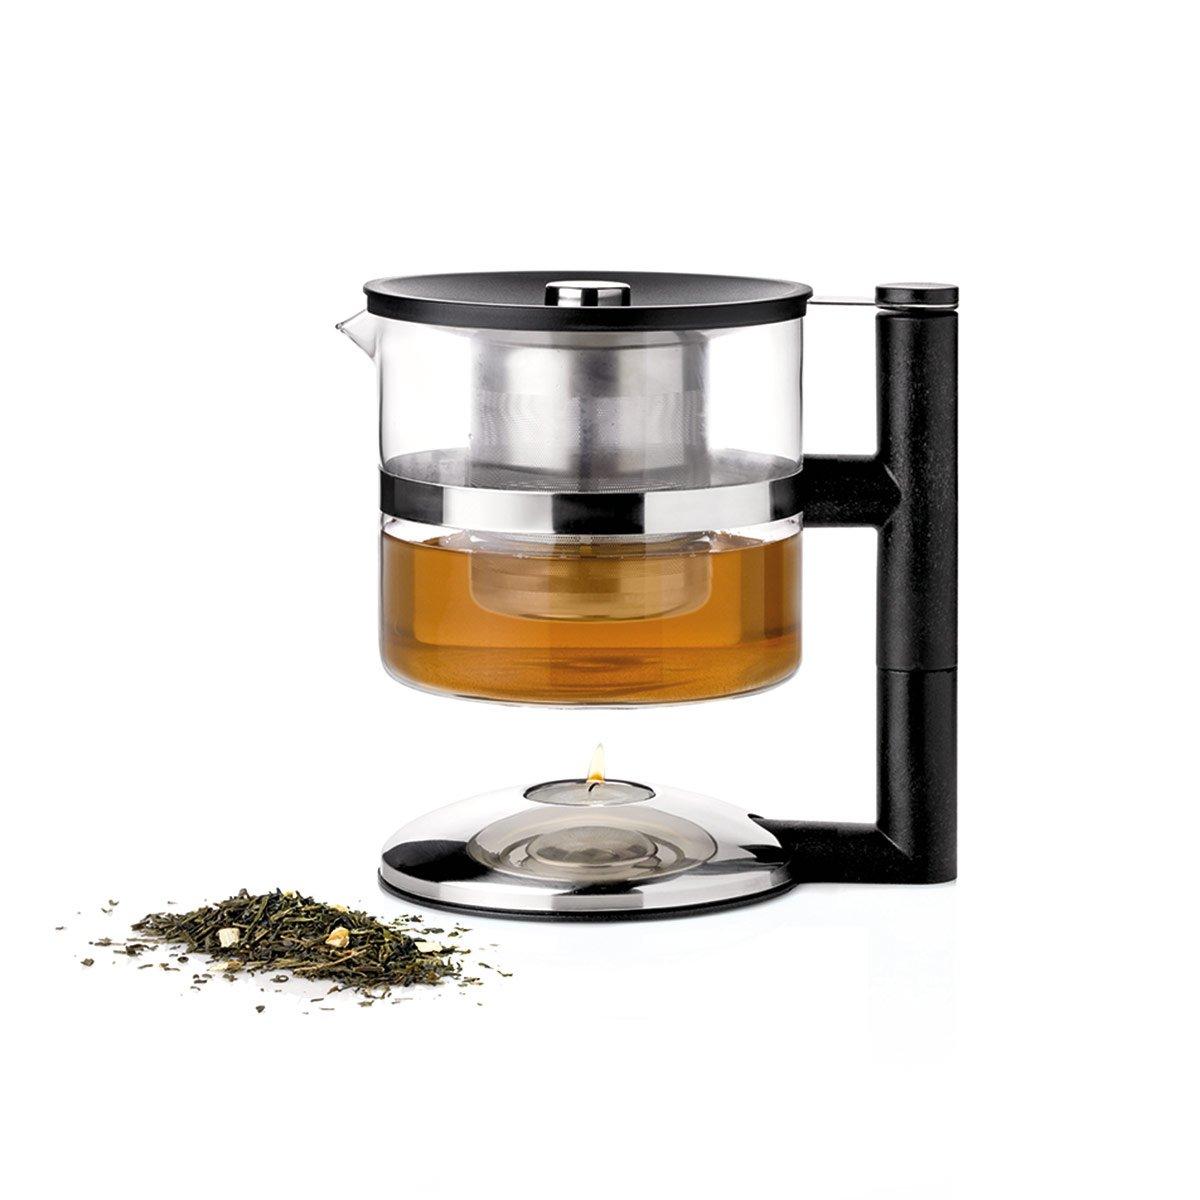 Stelton T- Teapot 50.7oz